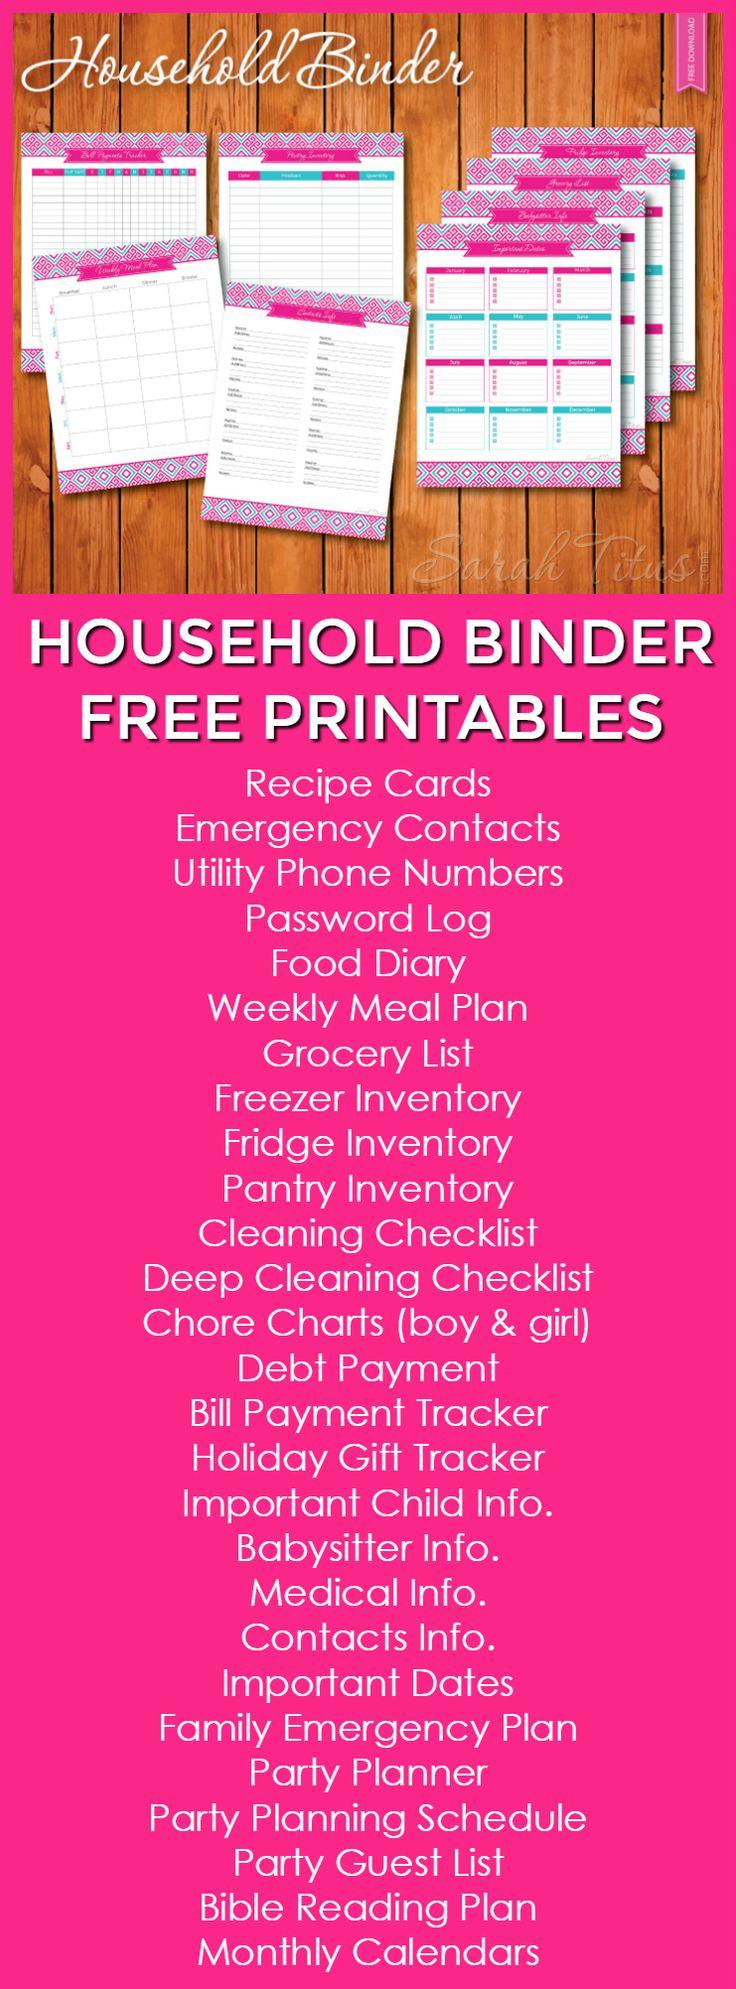 Household Binder Free Printables